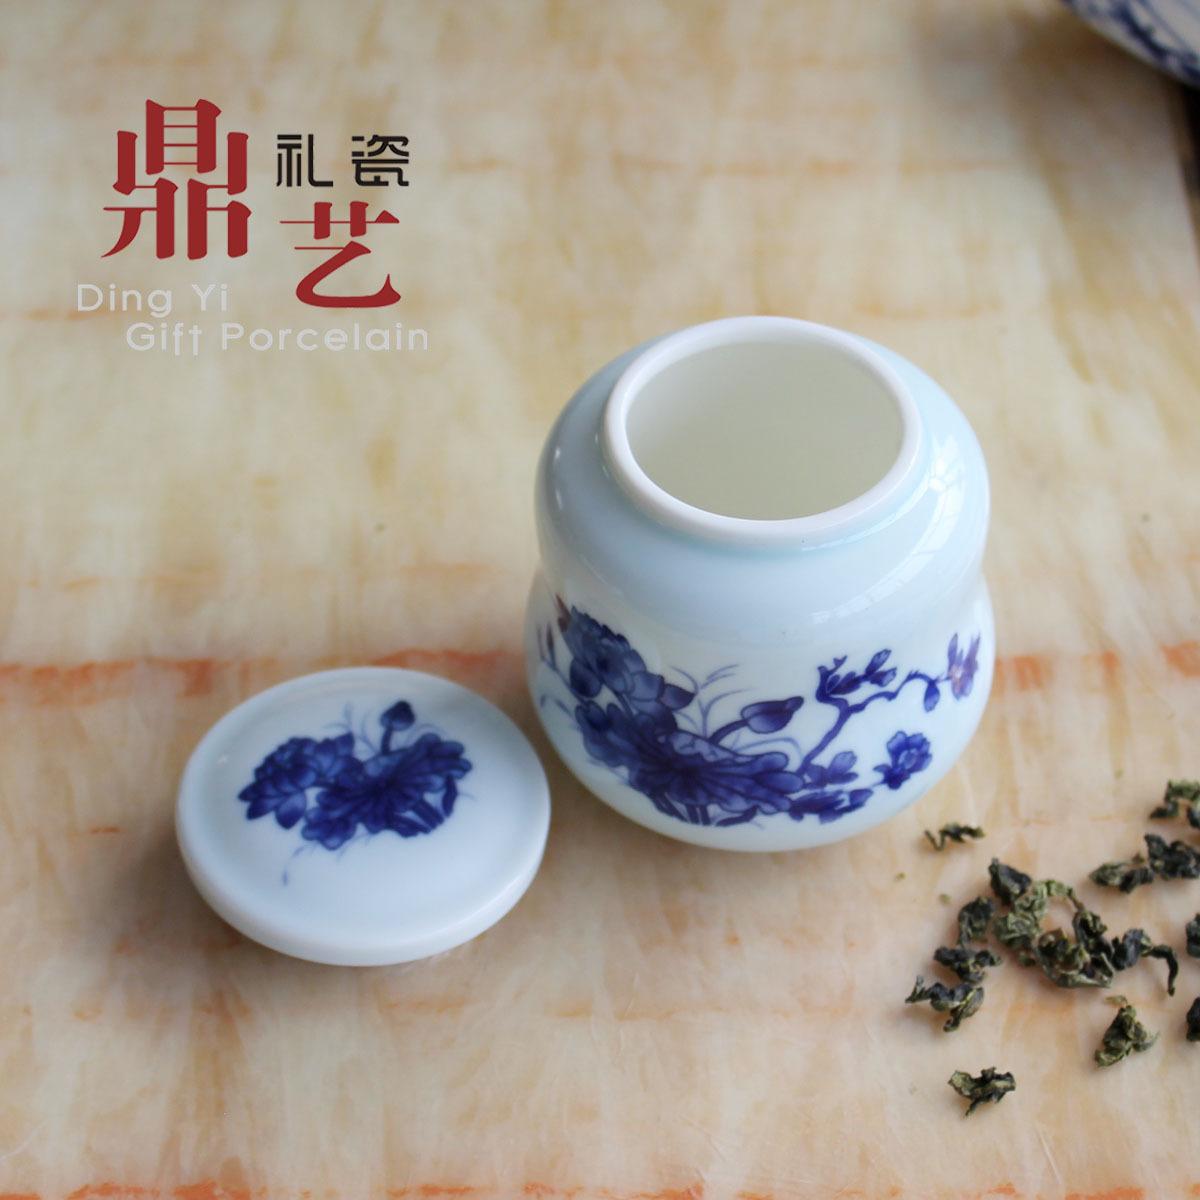 德化厂家批发粉青釉陶瓷茶叶罐雪菊包装***茶叶罐